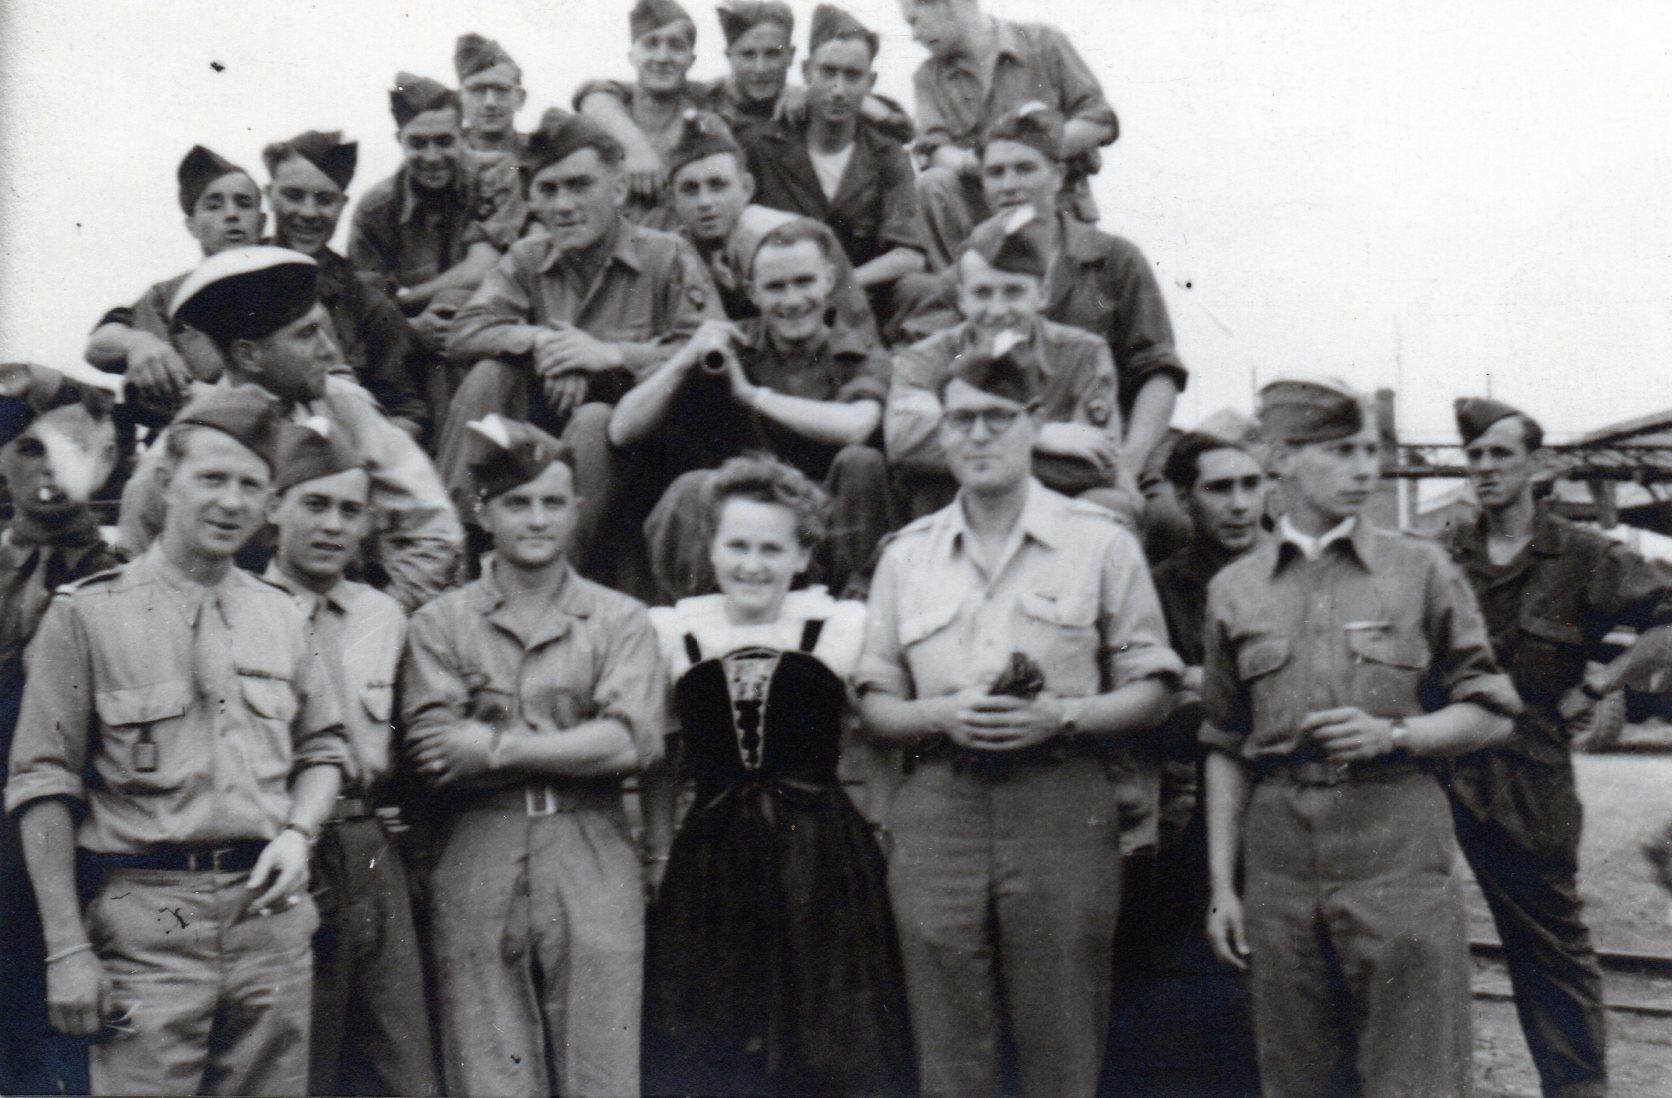 1945 07 14 le peloton caniot et sa marraine lors du defile a paris 18juin ou14 juil 45